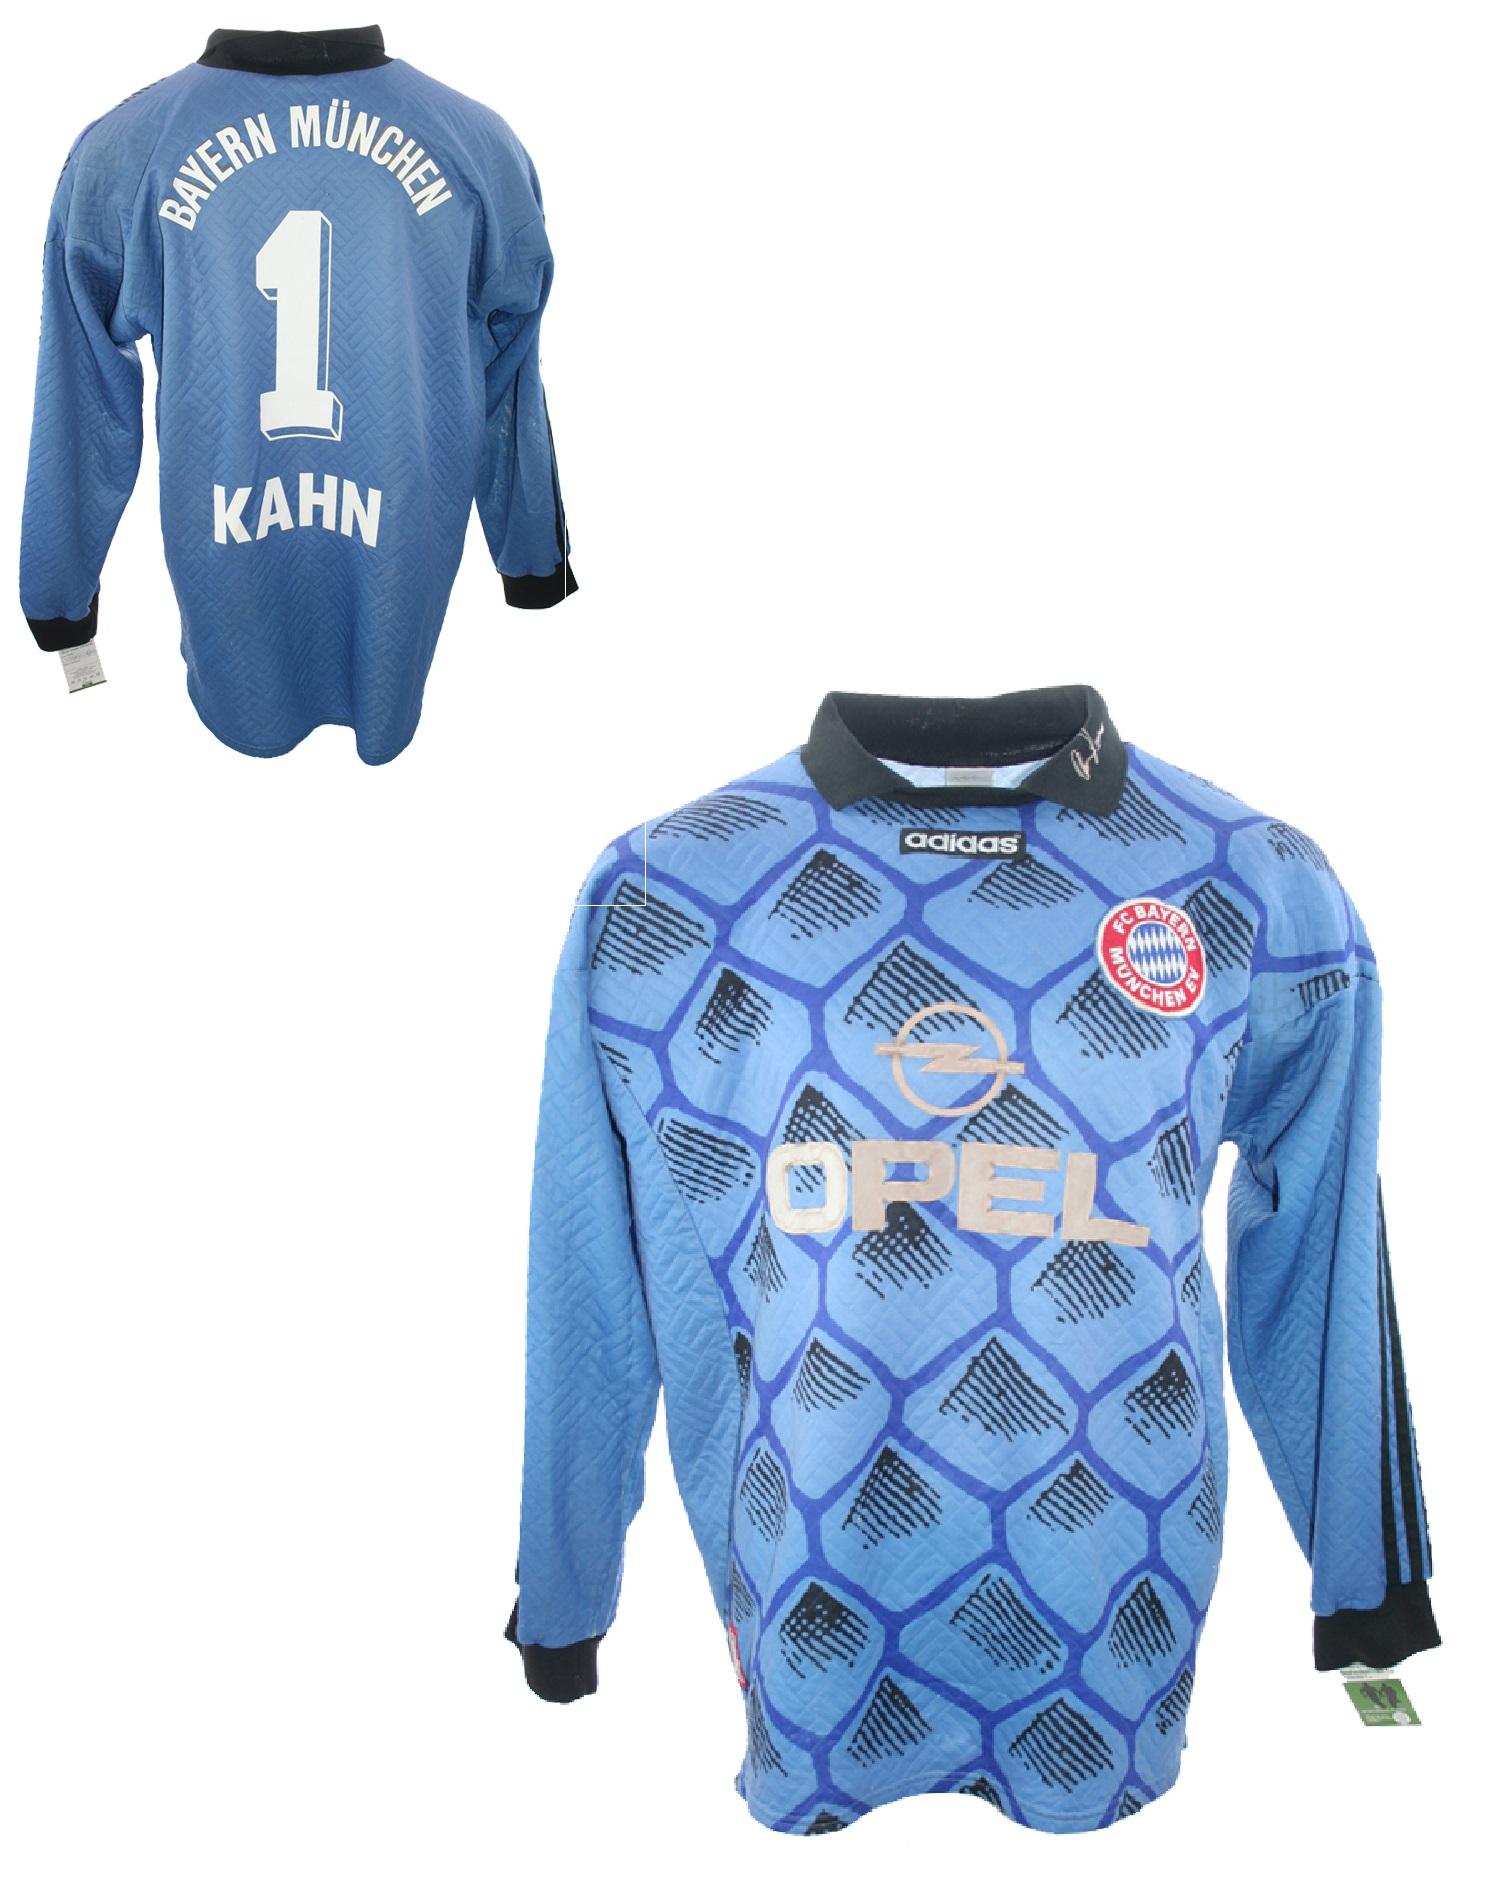 separation shoes 4d66b 7ff9d Adidas FC Bayern Munich Goalkeeper Jersey 1 Oliver Kahn 1997 ...